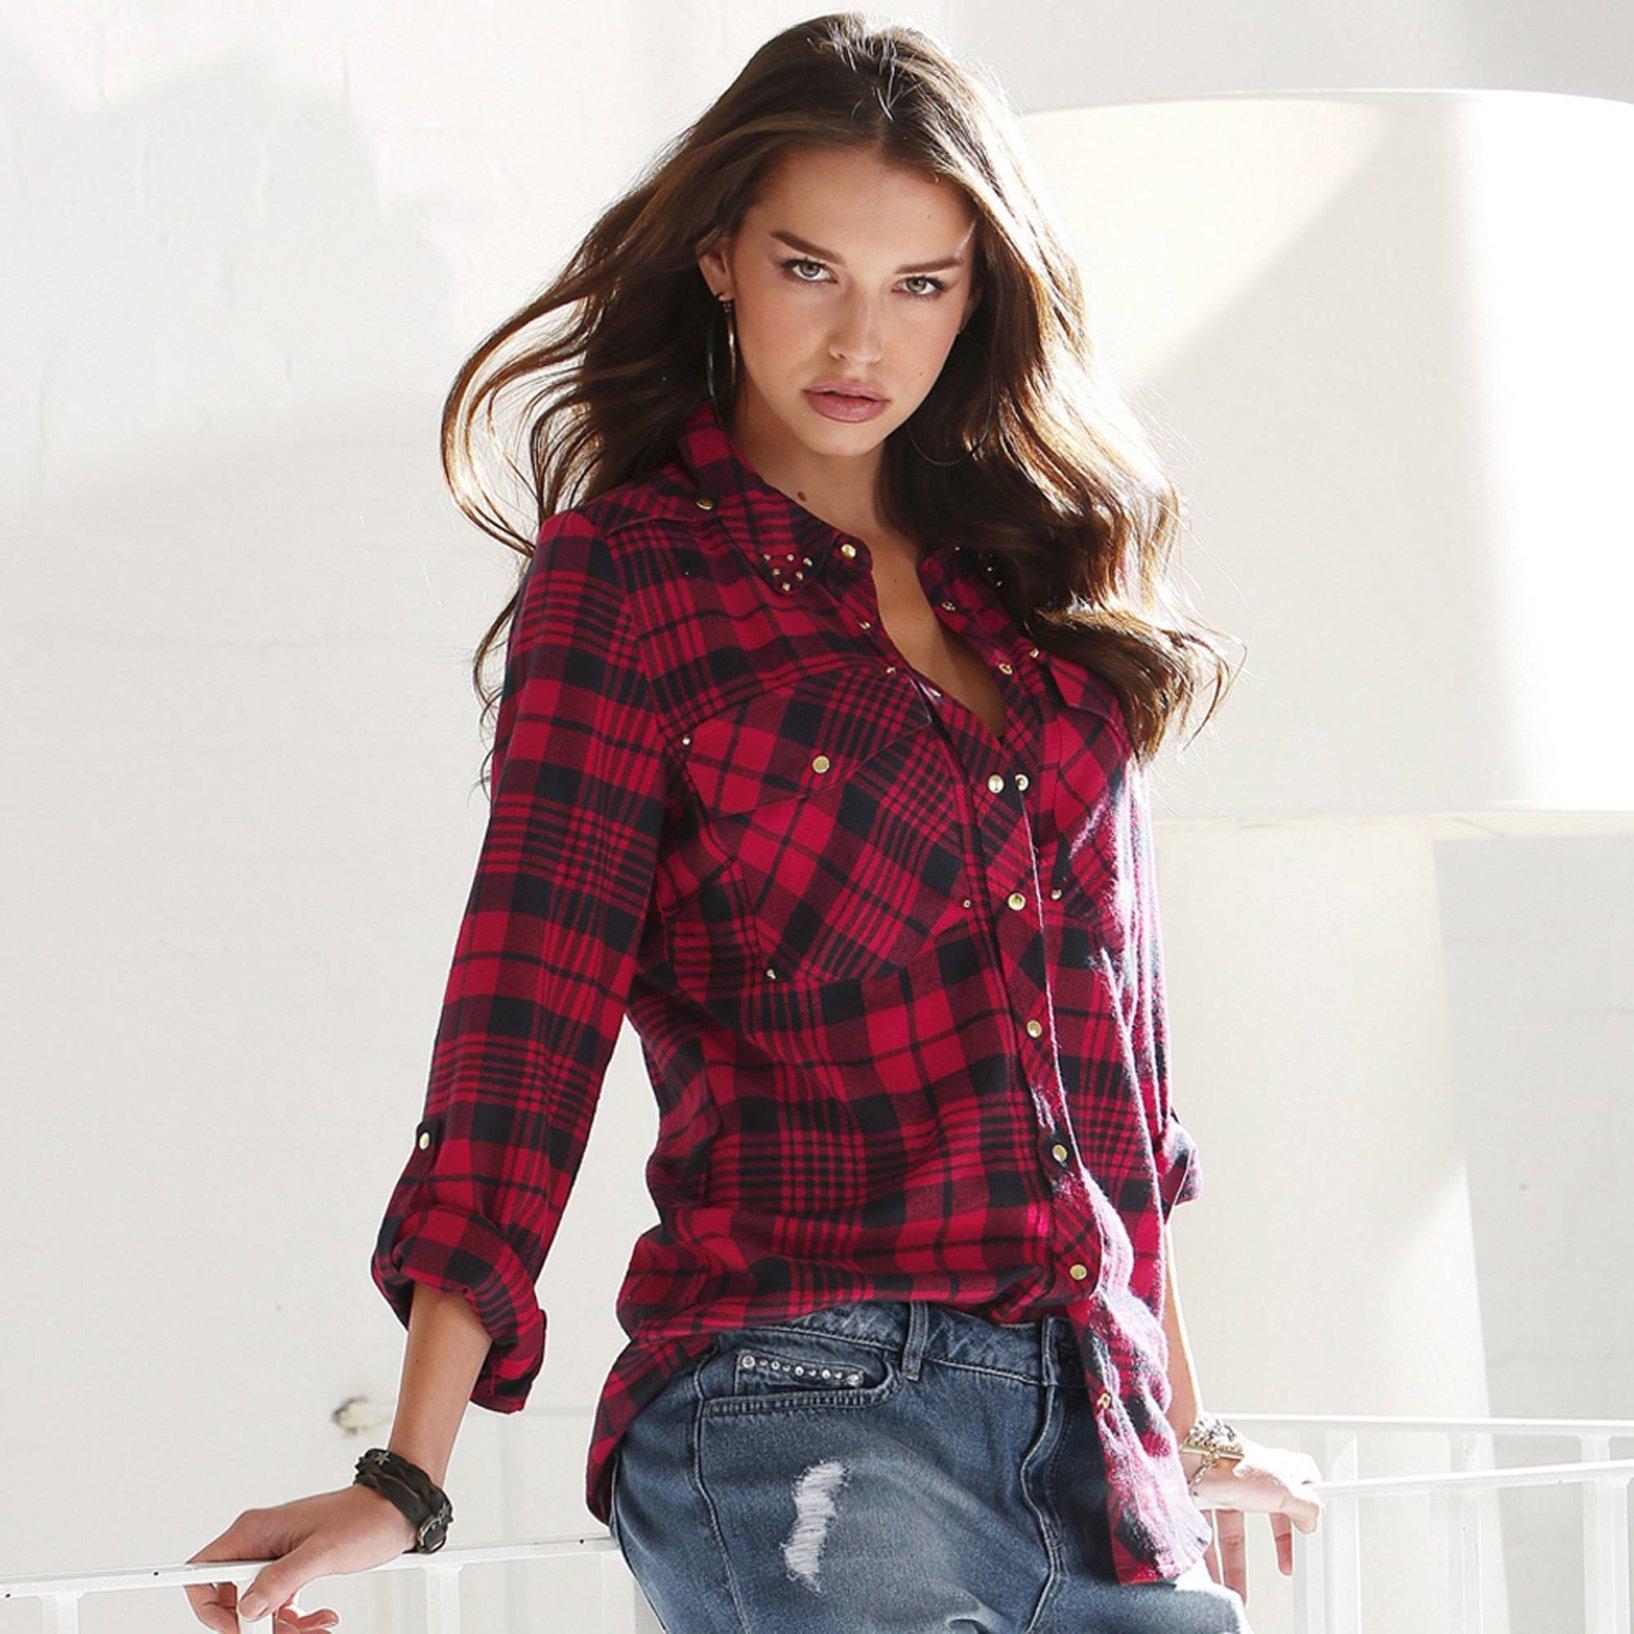 chemise a carreaux femme c39est top tendance With chemisier a carreaux